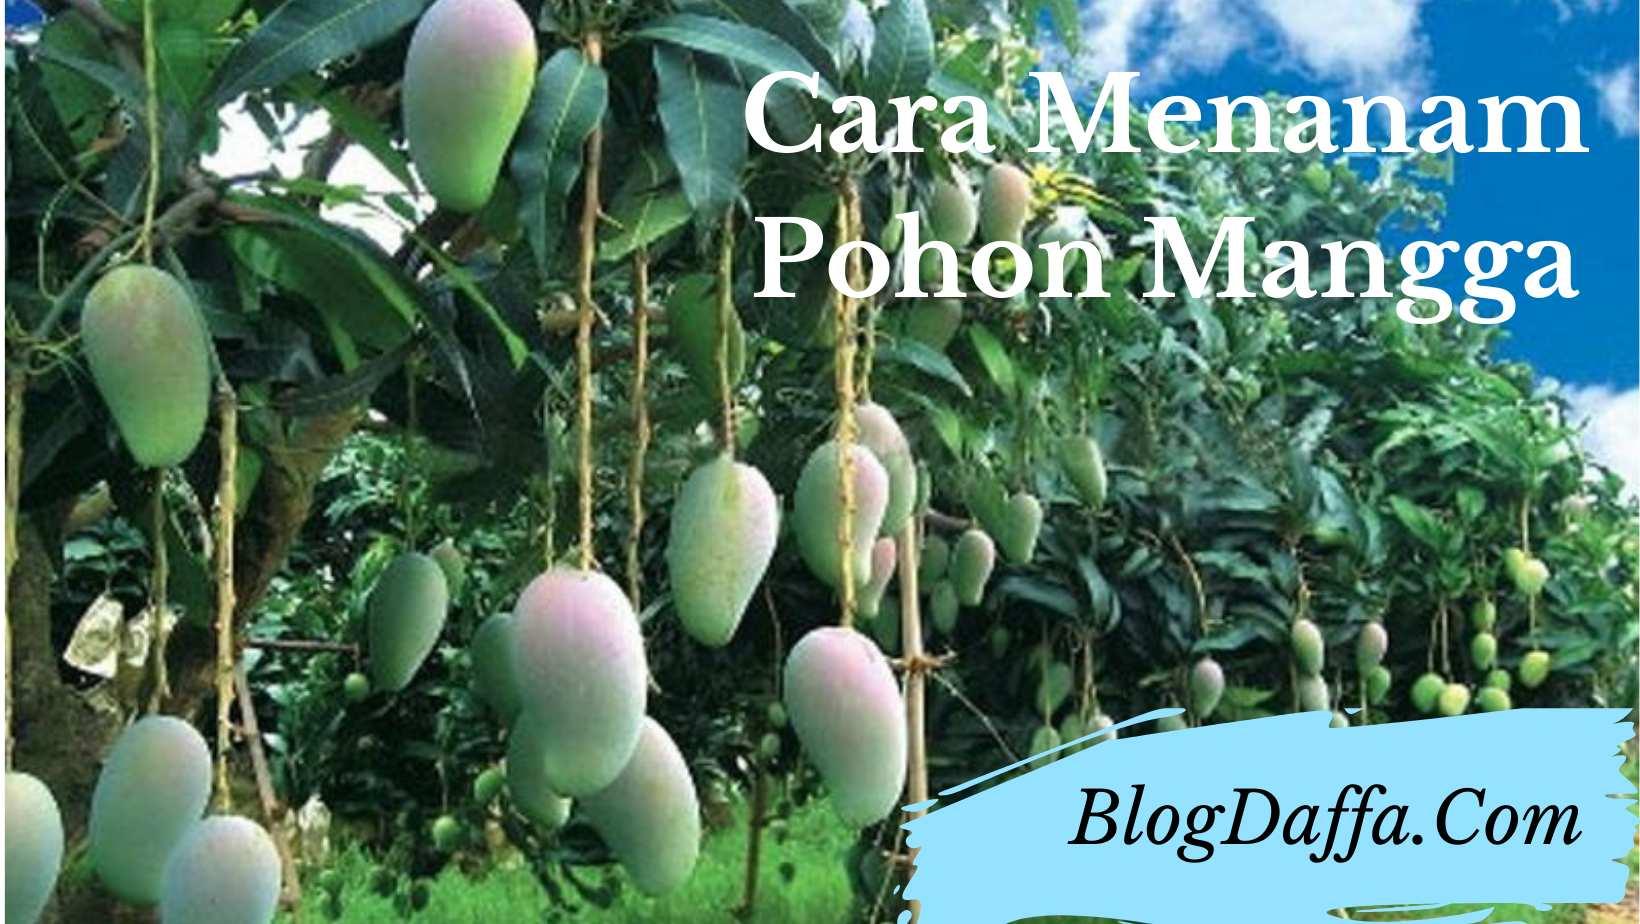 Cara menanam pohon mangga dengan mudah